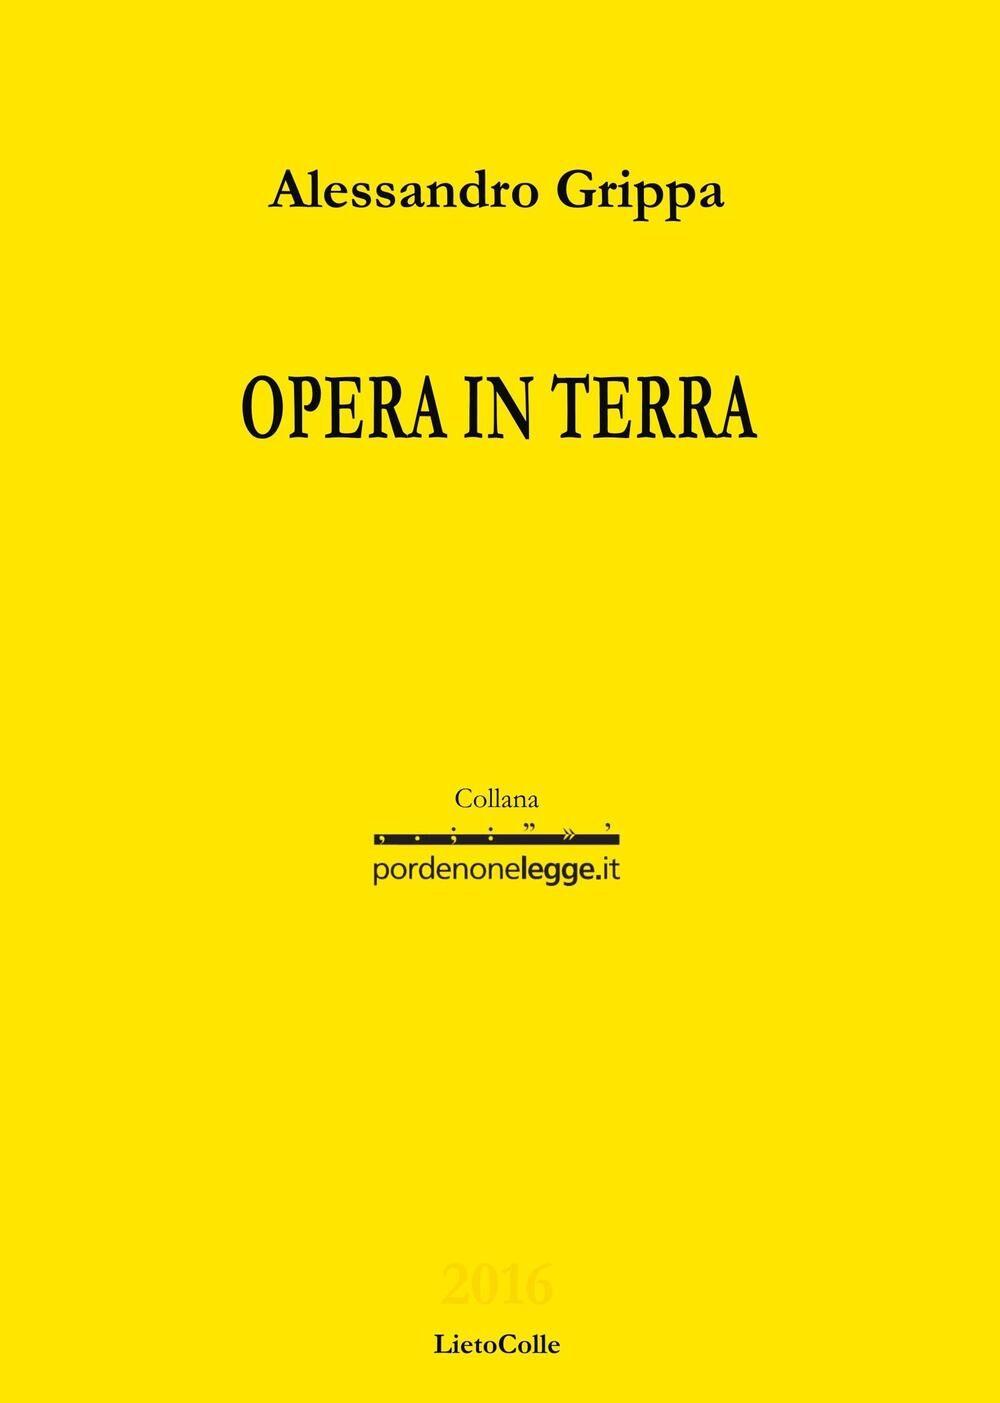 Opera in terra